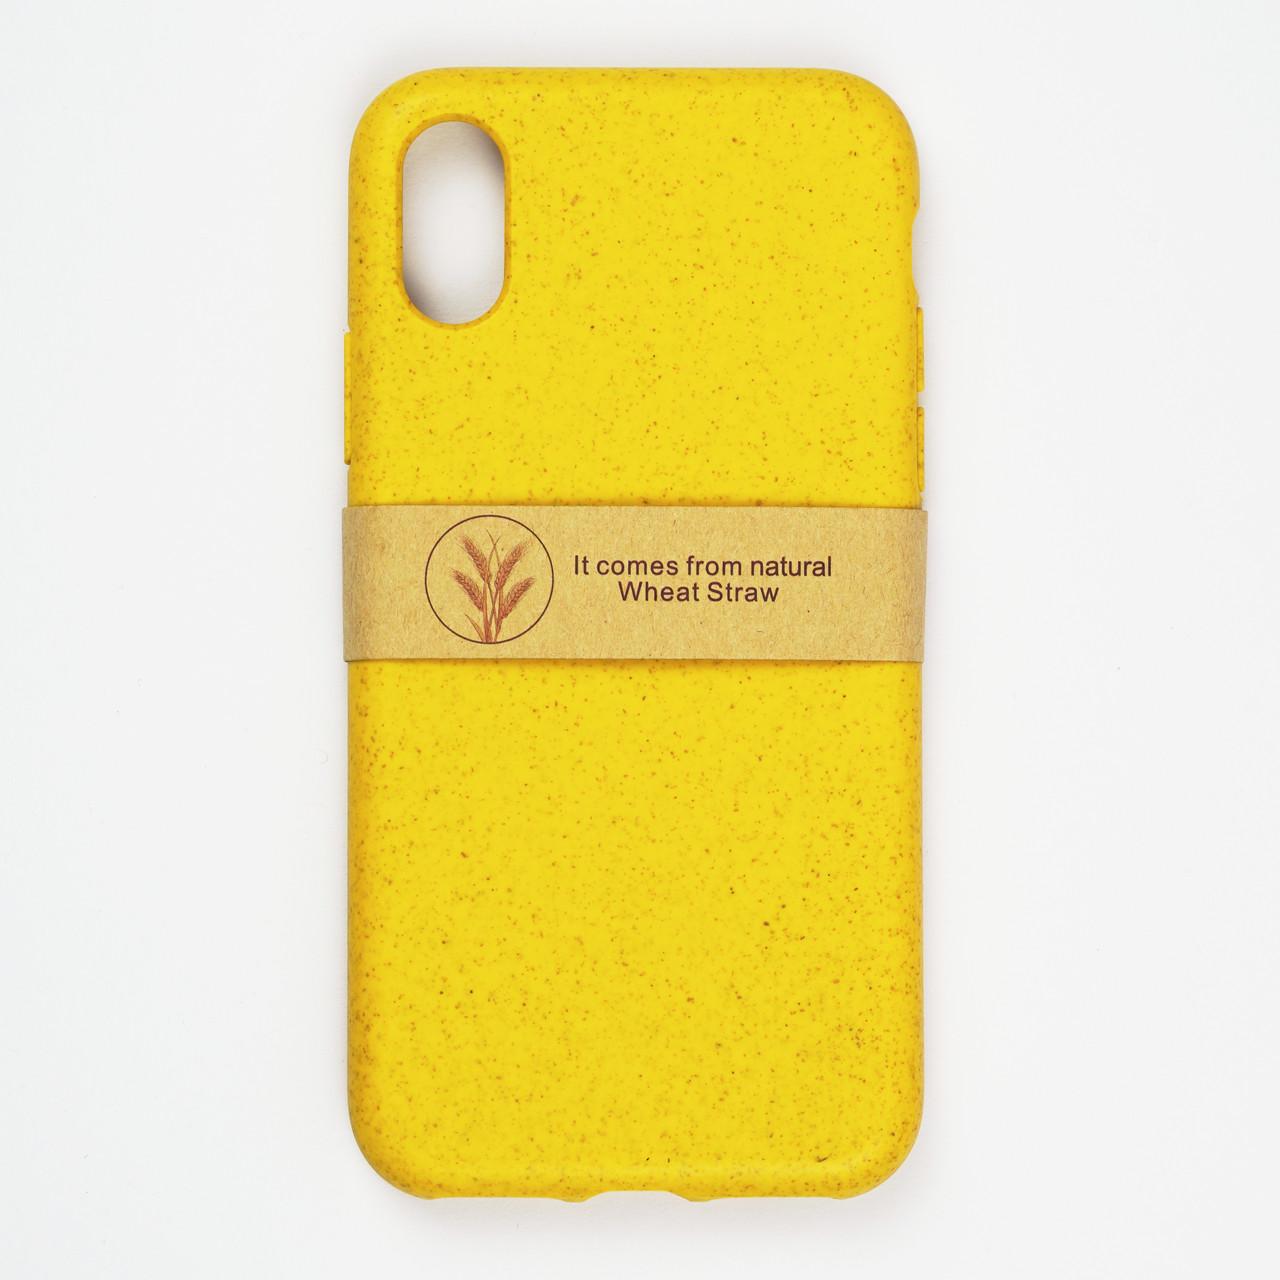 Биоразлагаемый чехол ECO Wheat Straw для iPhone X / Xs Yellow